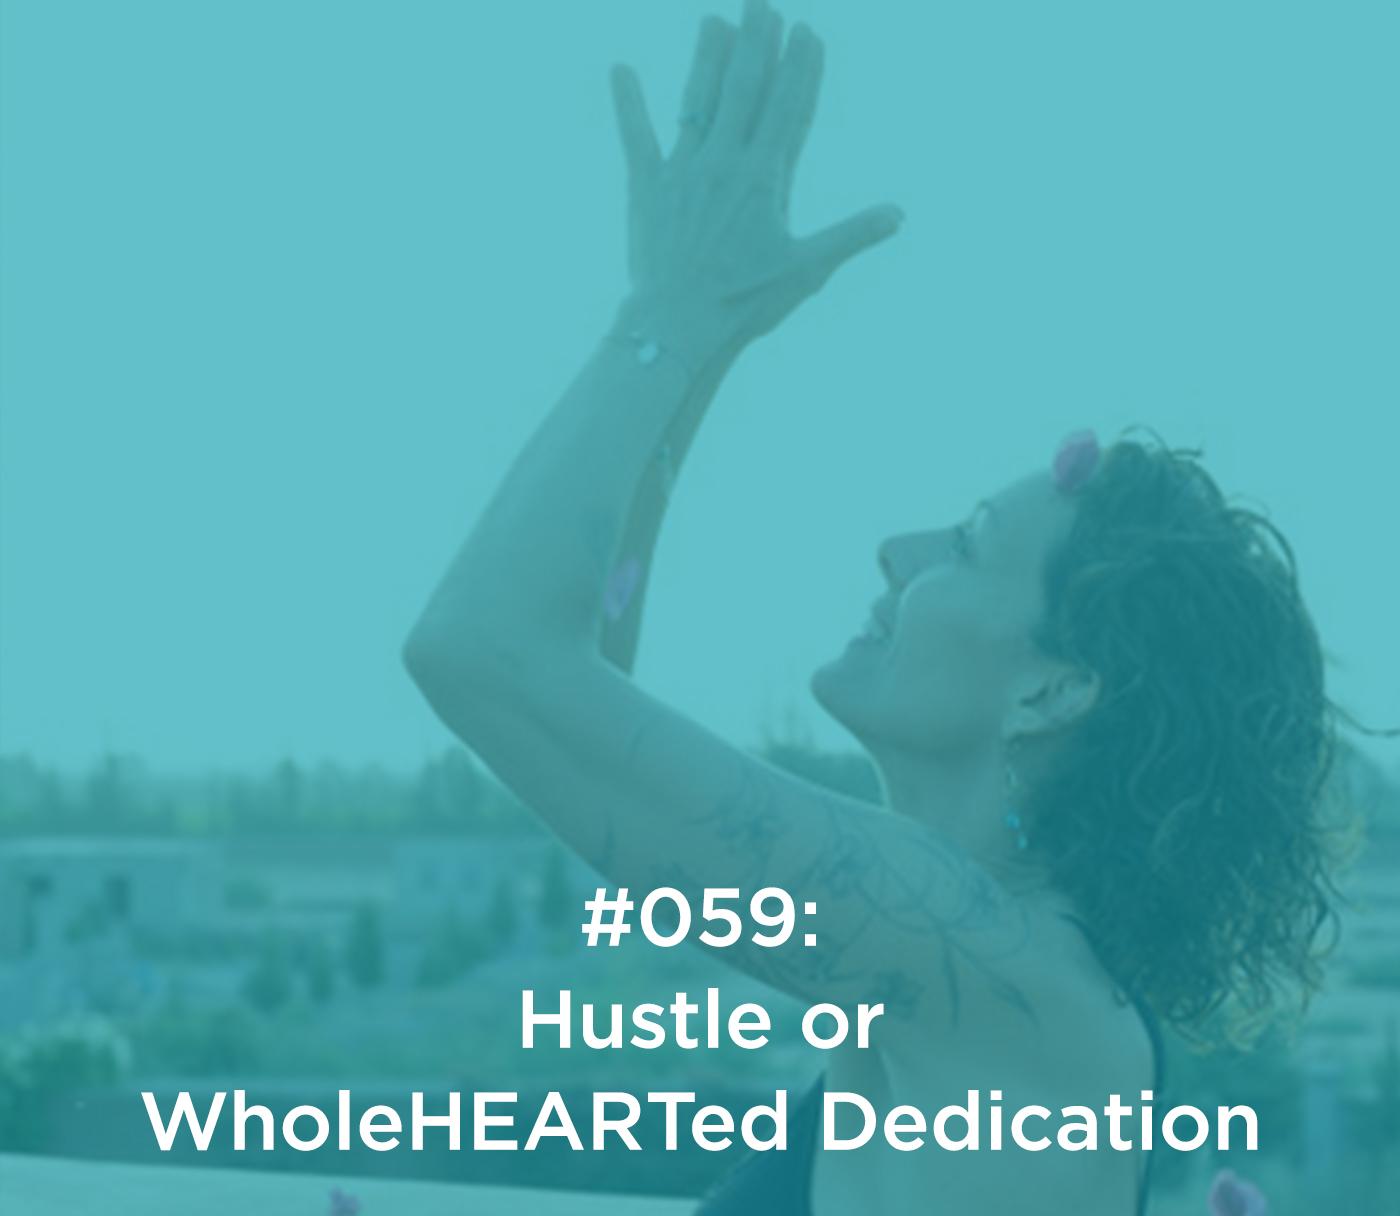 Hustle or WholeHEARTed Dedication?